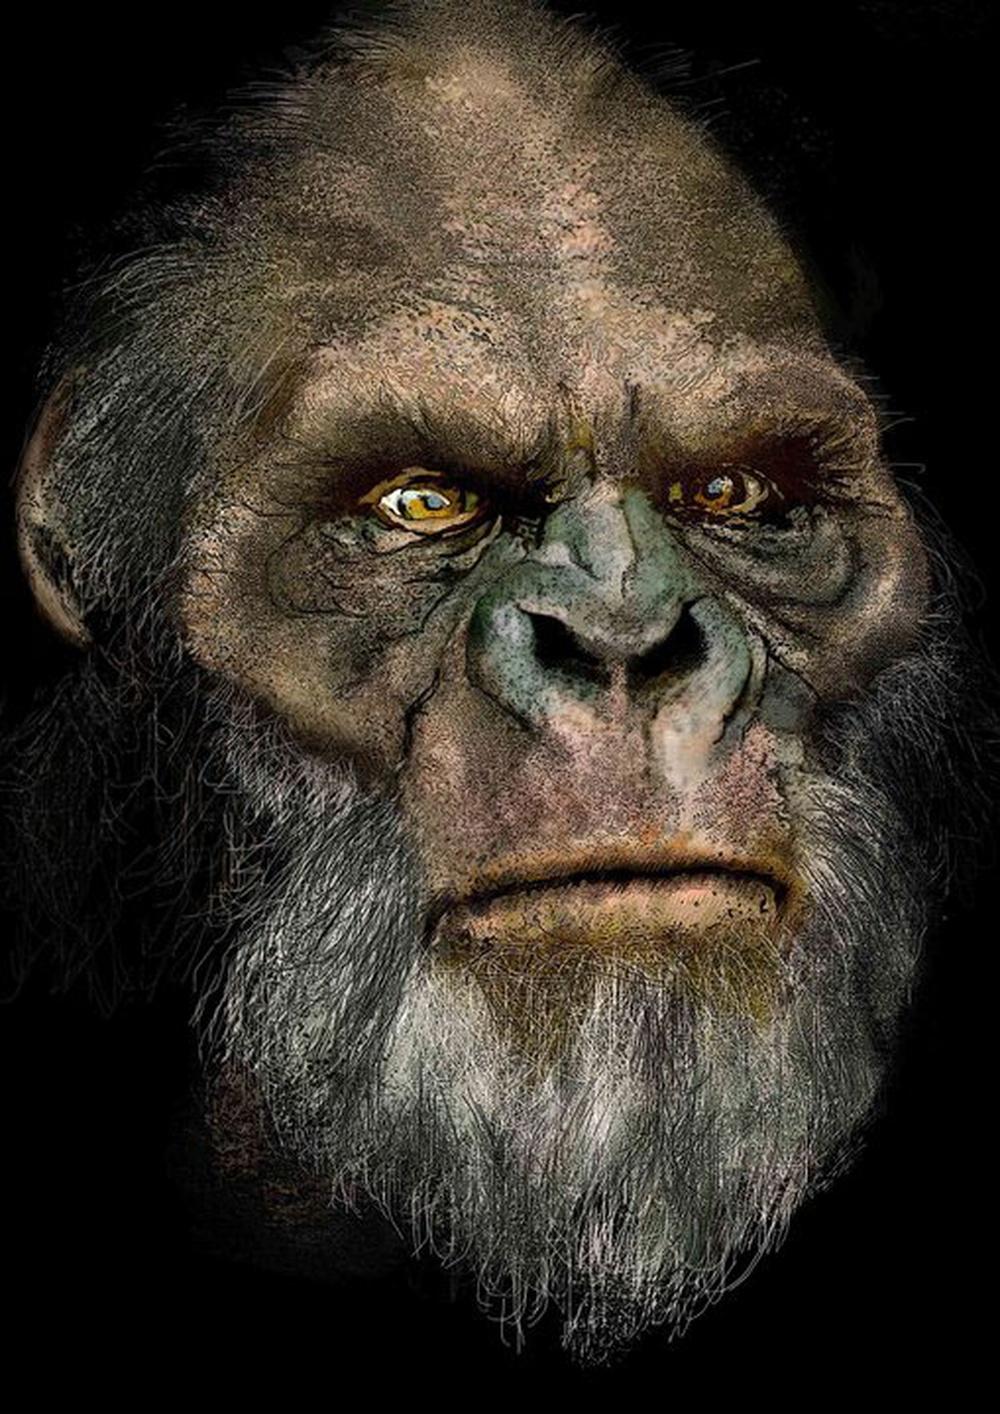 Nous faisons partie d'une grande famille particulièrement bruyante appelée les grands singes